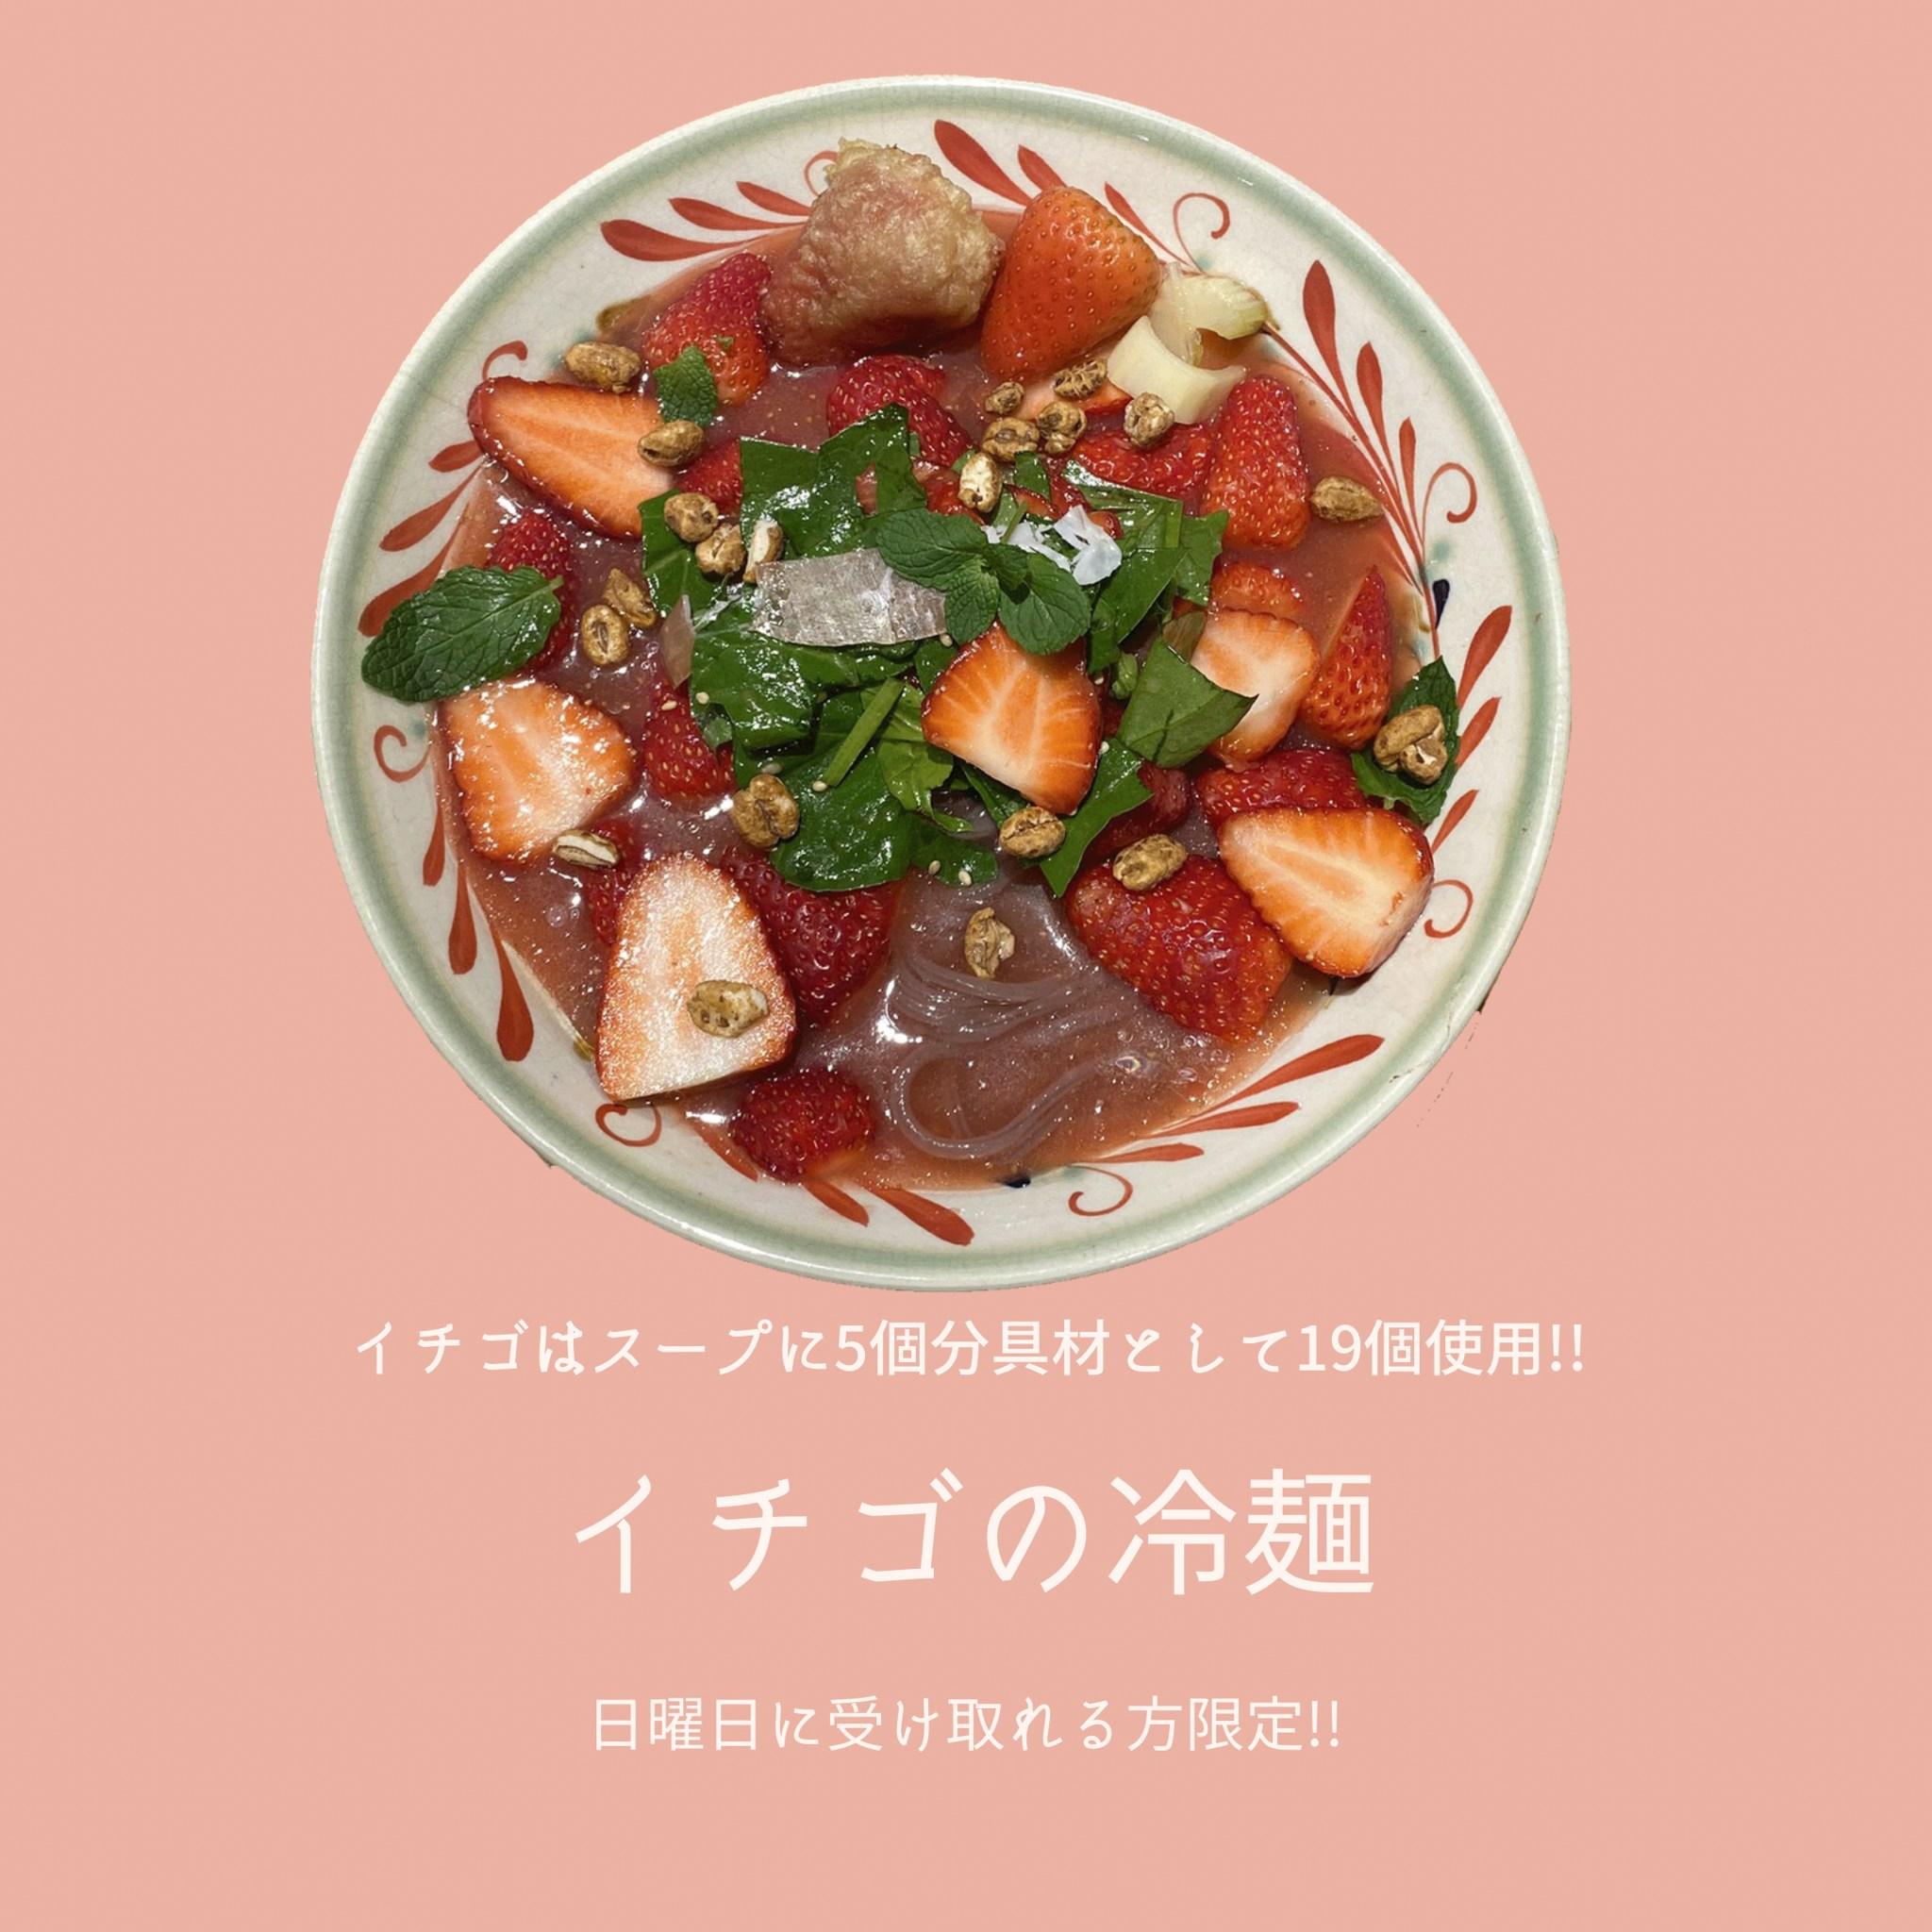 イチゴの冷麺 販売開始